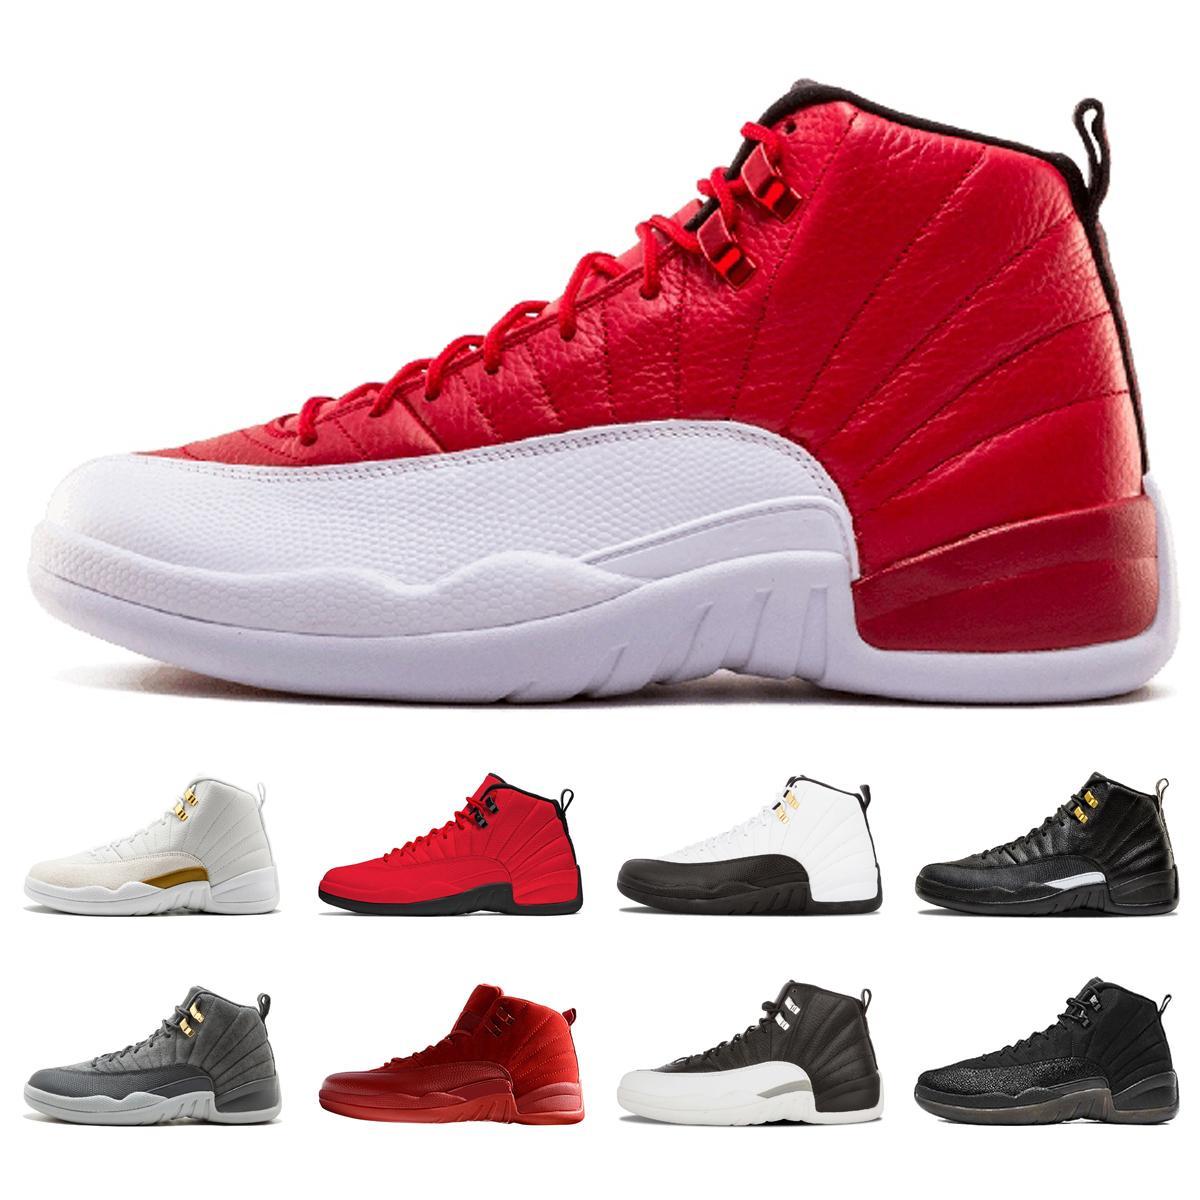 12 Gym Erkekler Tasarımcılar UNC Michigan Koleji Donanma Klasik CNY Playoff siyah beyaz Tasarımcı XII Sport Sneakers Eğitmenler Için Basketbol Ayakkabı kırmızı